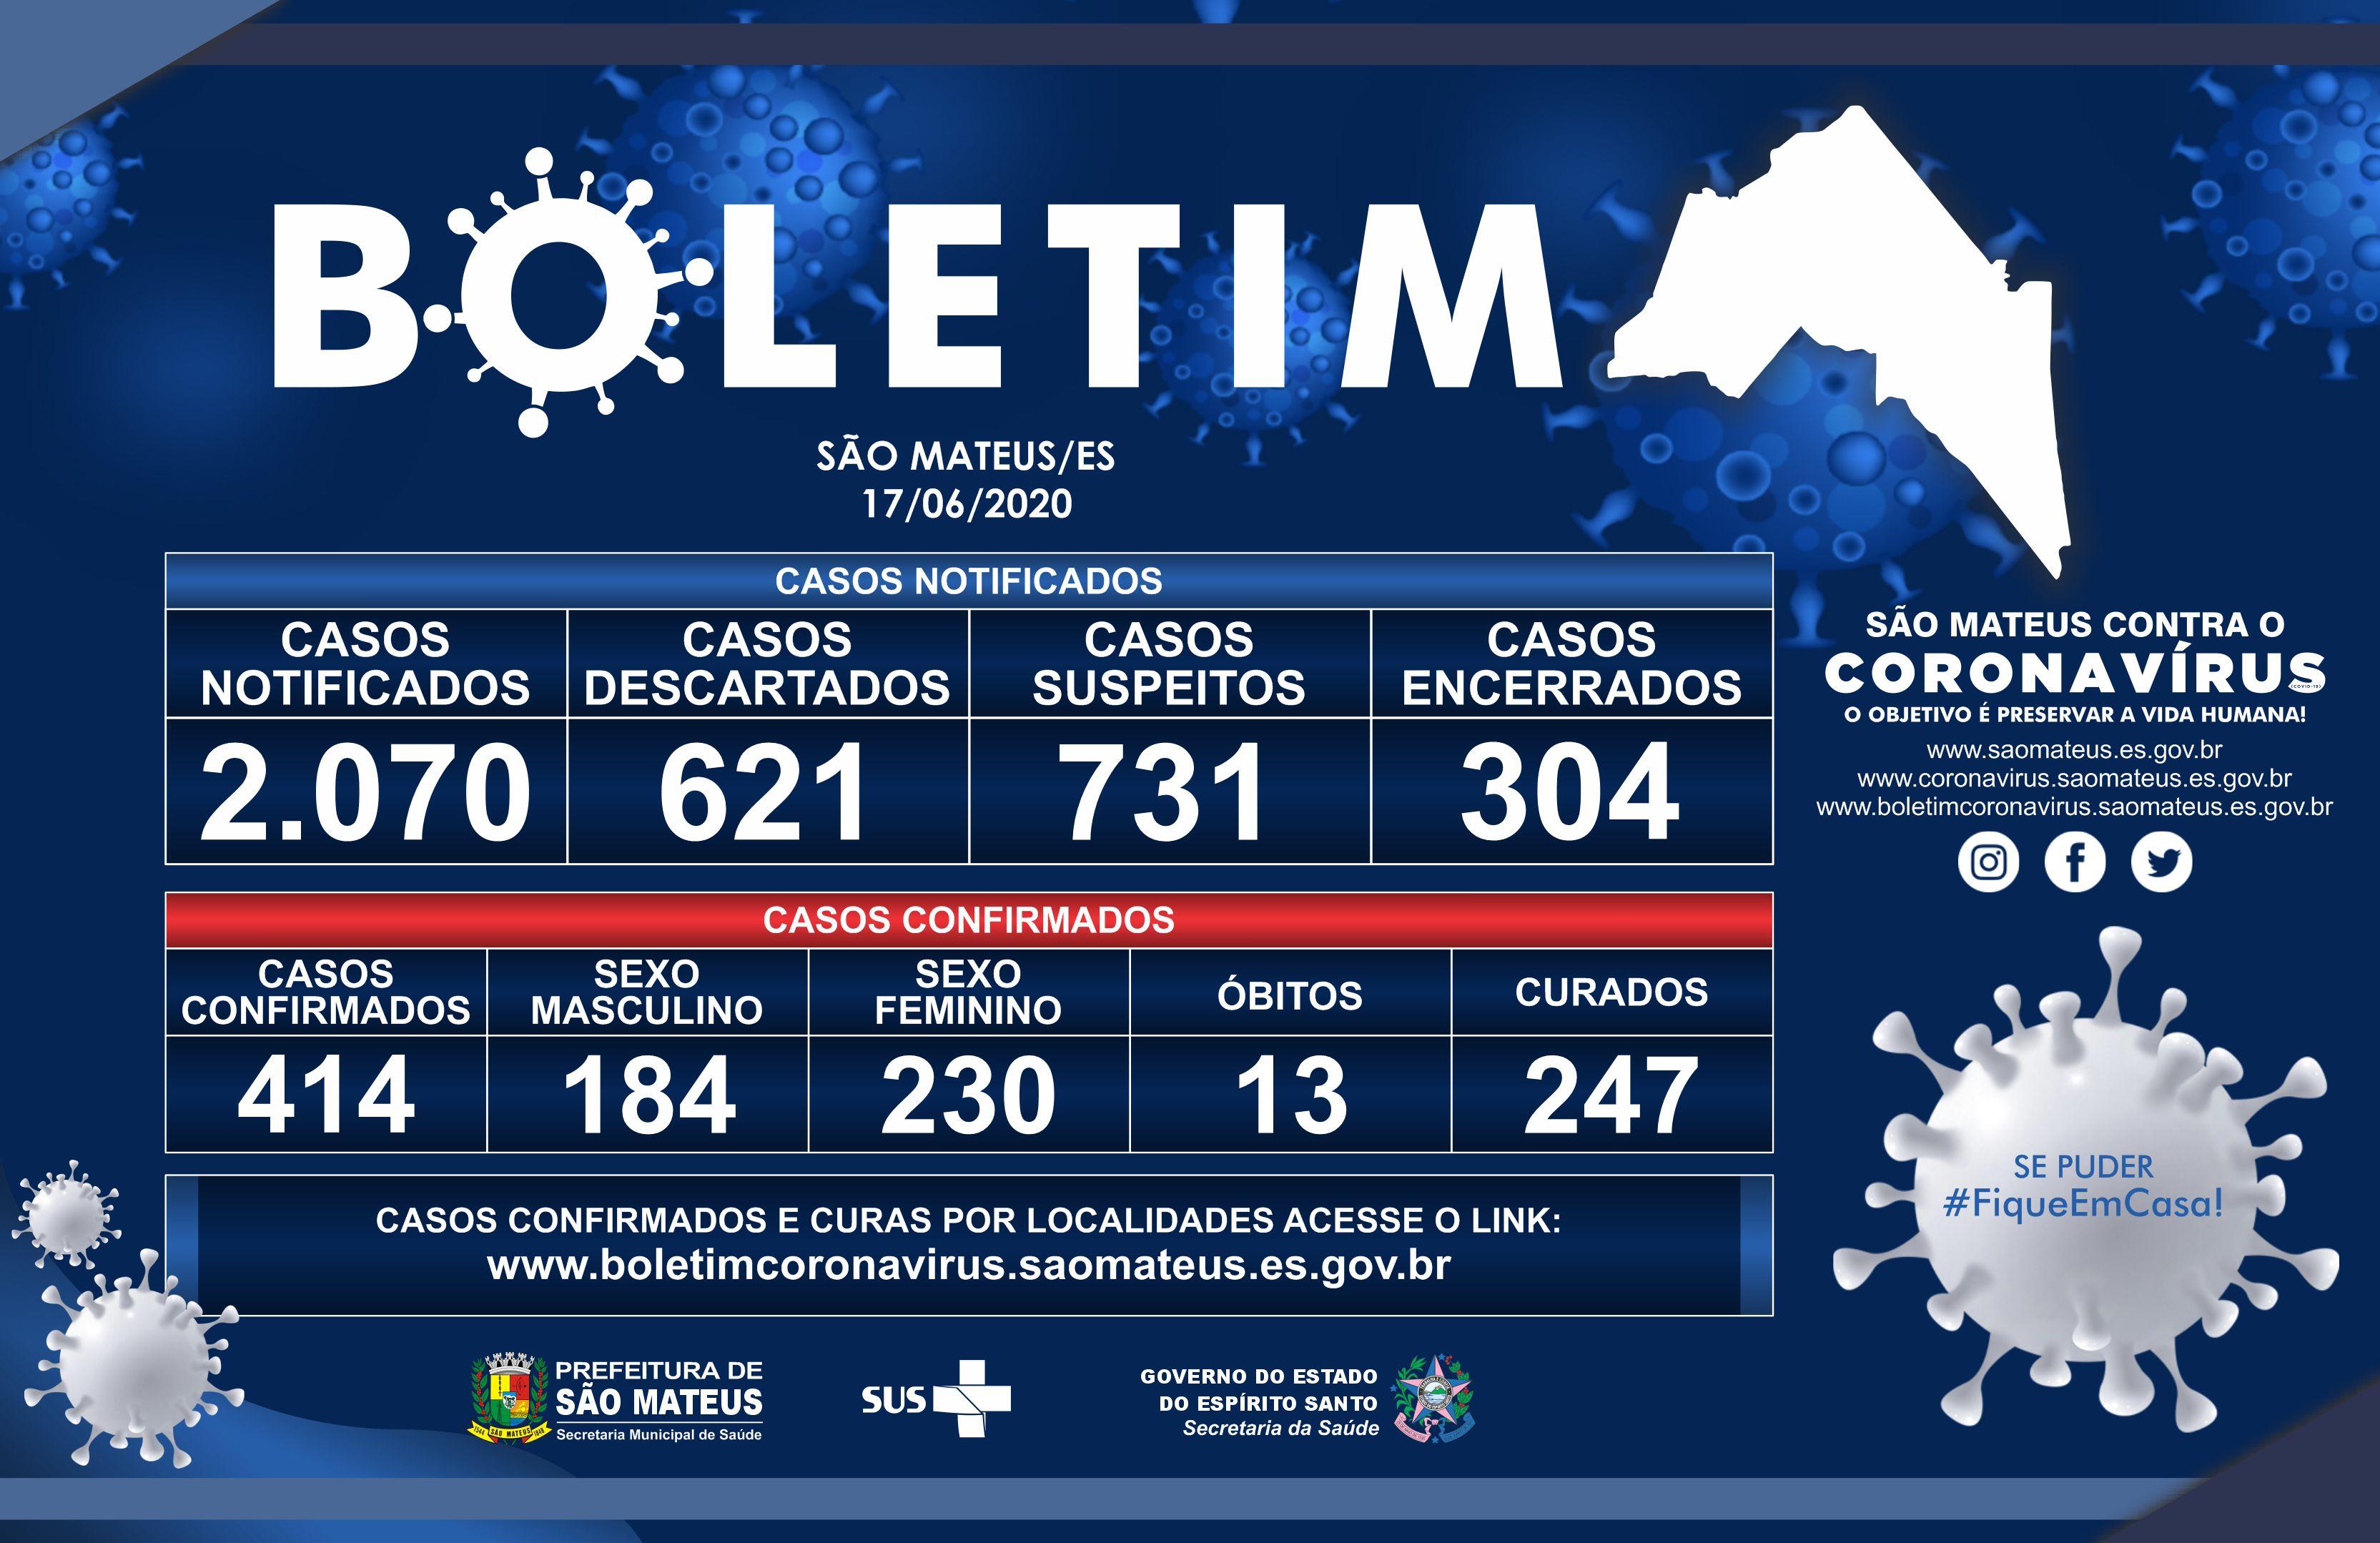 QUARTA-FEIRA, 17 DE JUNHO DE 2020: SÃO MATEUS REGISTRA MAIS 2 ÓBITOS, 14 CASOS DE CORONAVÍRUS CONFIRMADOS E 33 CURAS